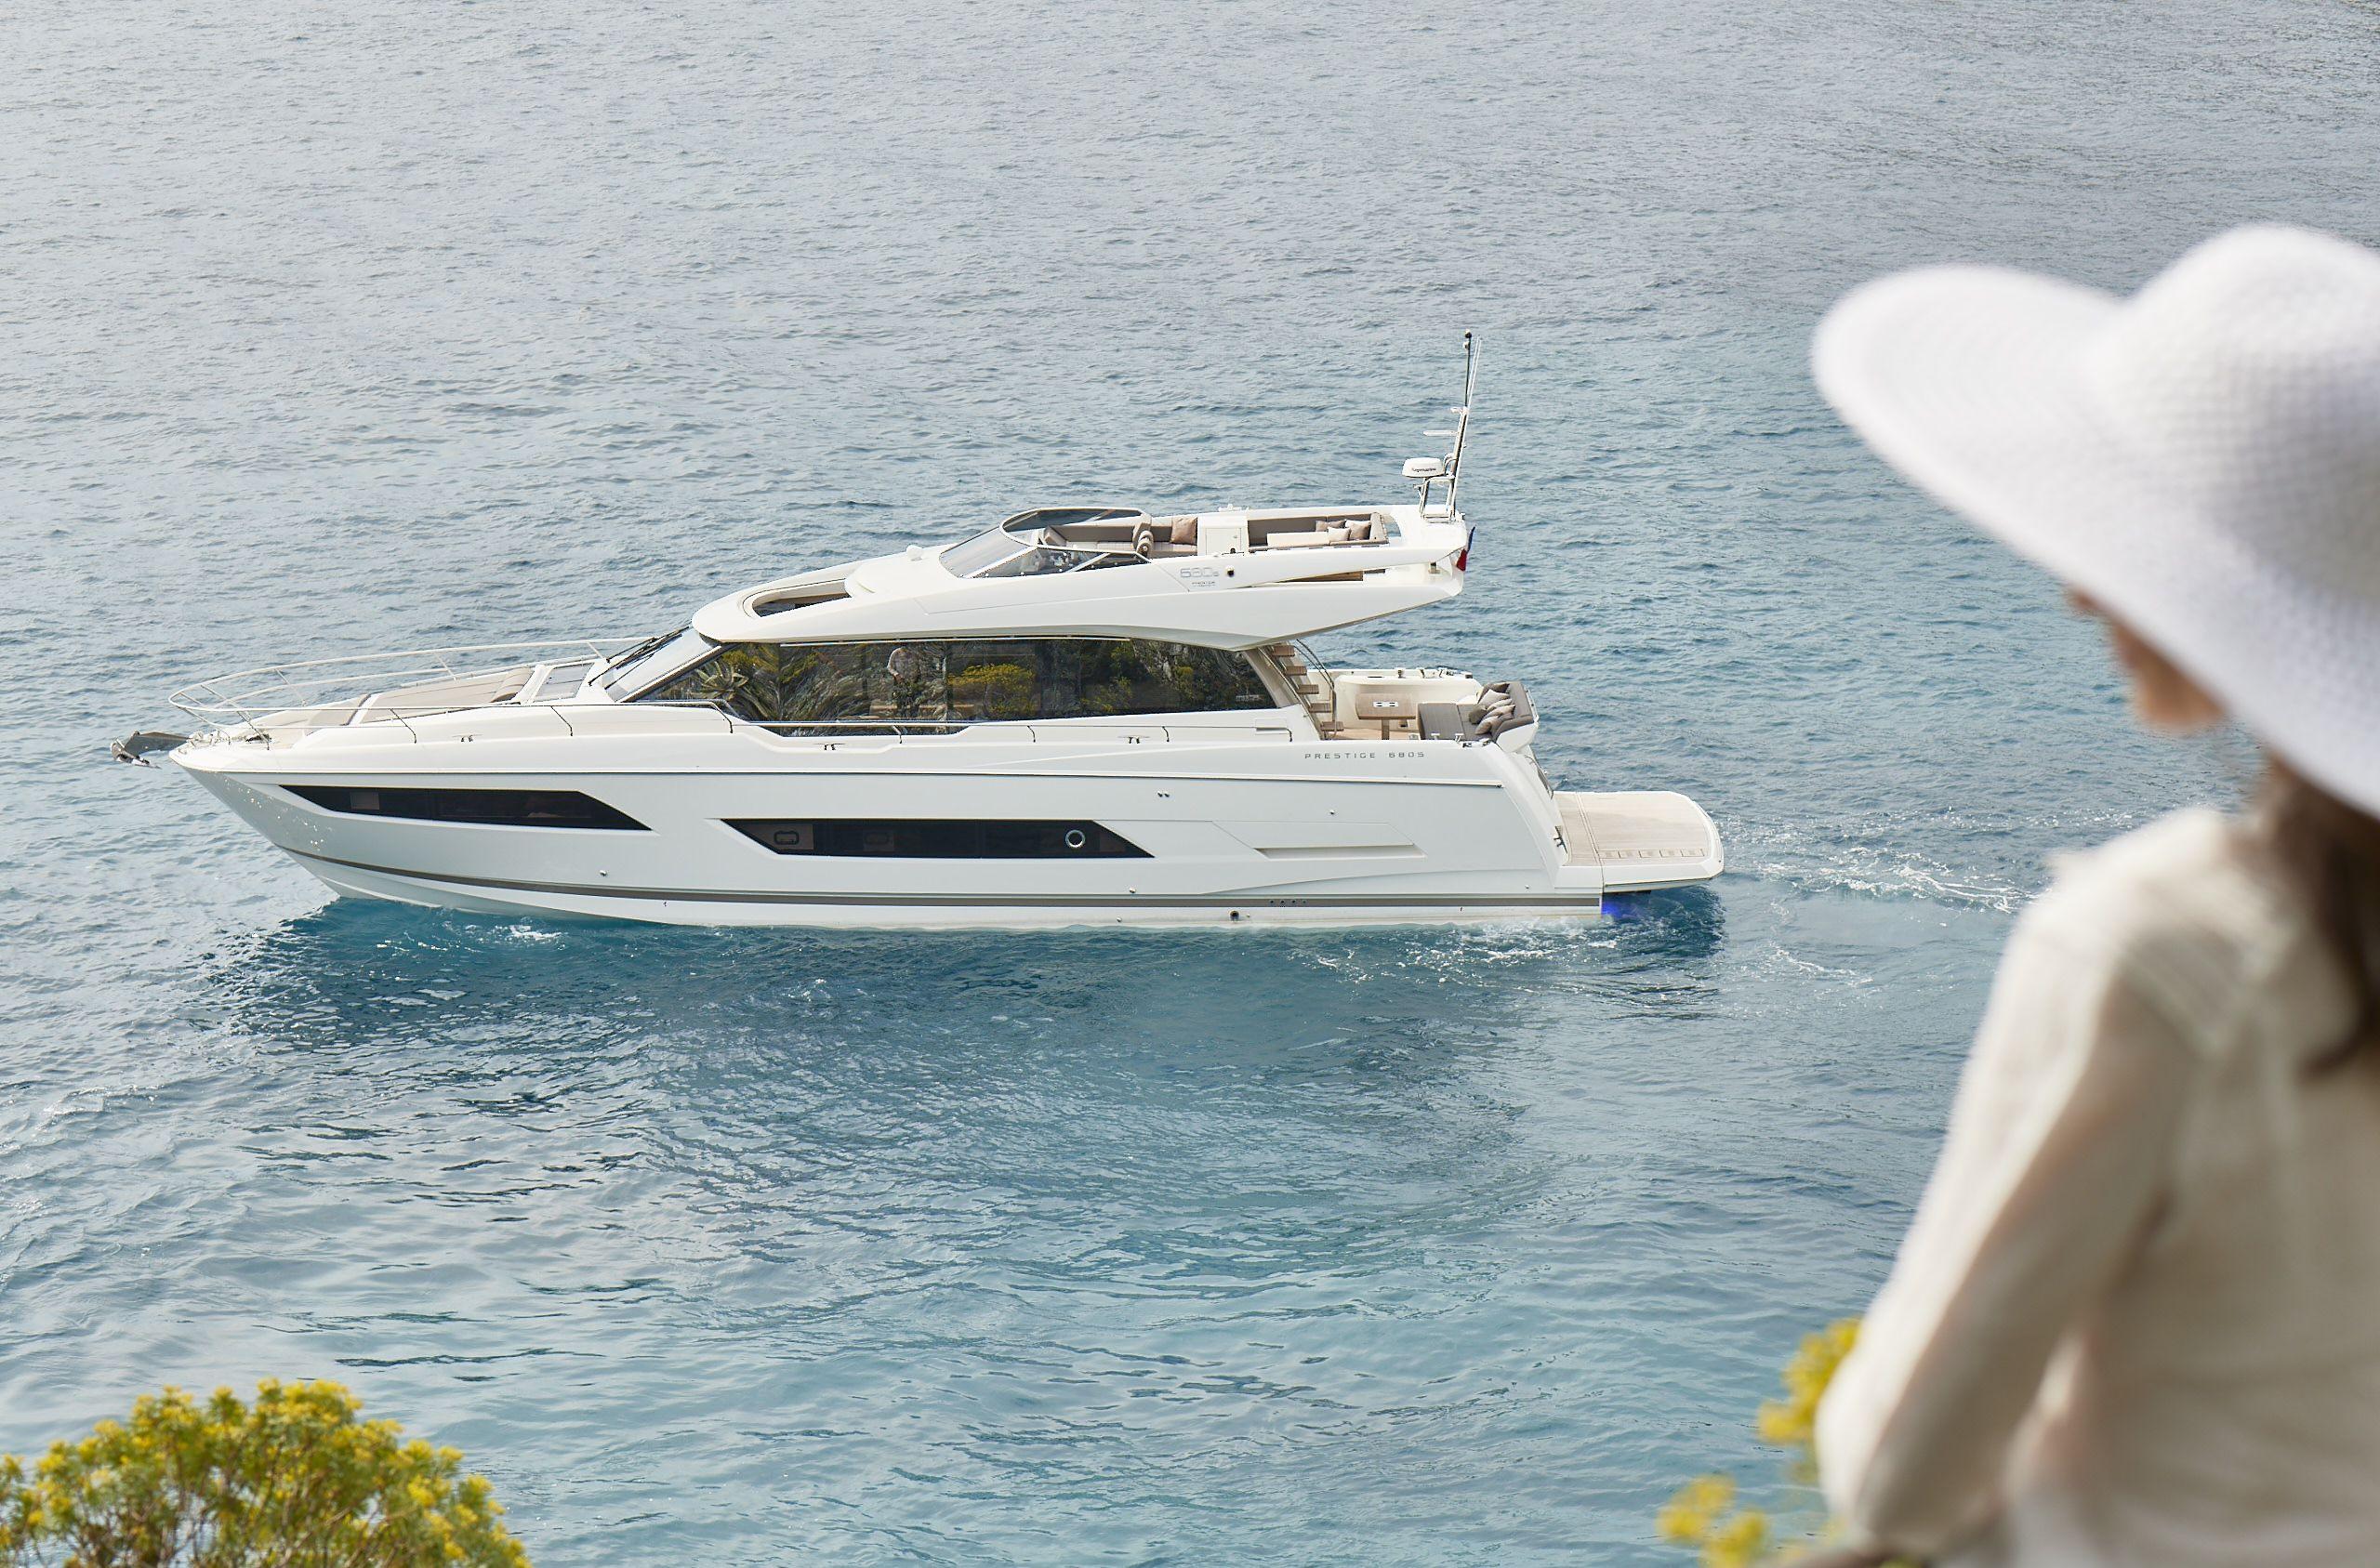 photos yacht prestige 680 s prestige yachts bateaux de luxe prestige 680s pinterest. Black Bedroom Furniture Sets. Home Design Ideas